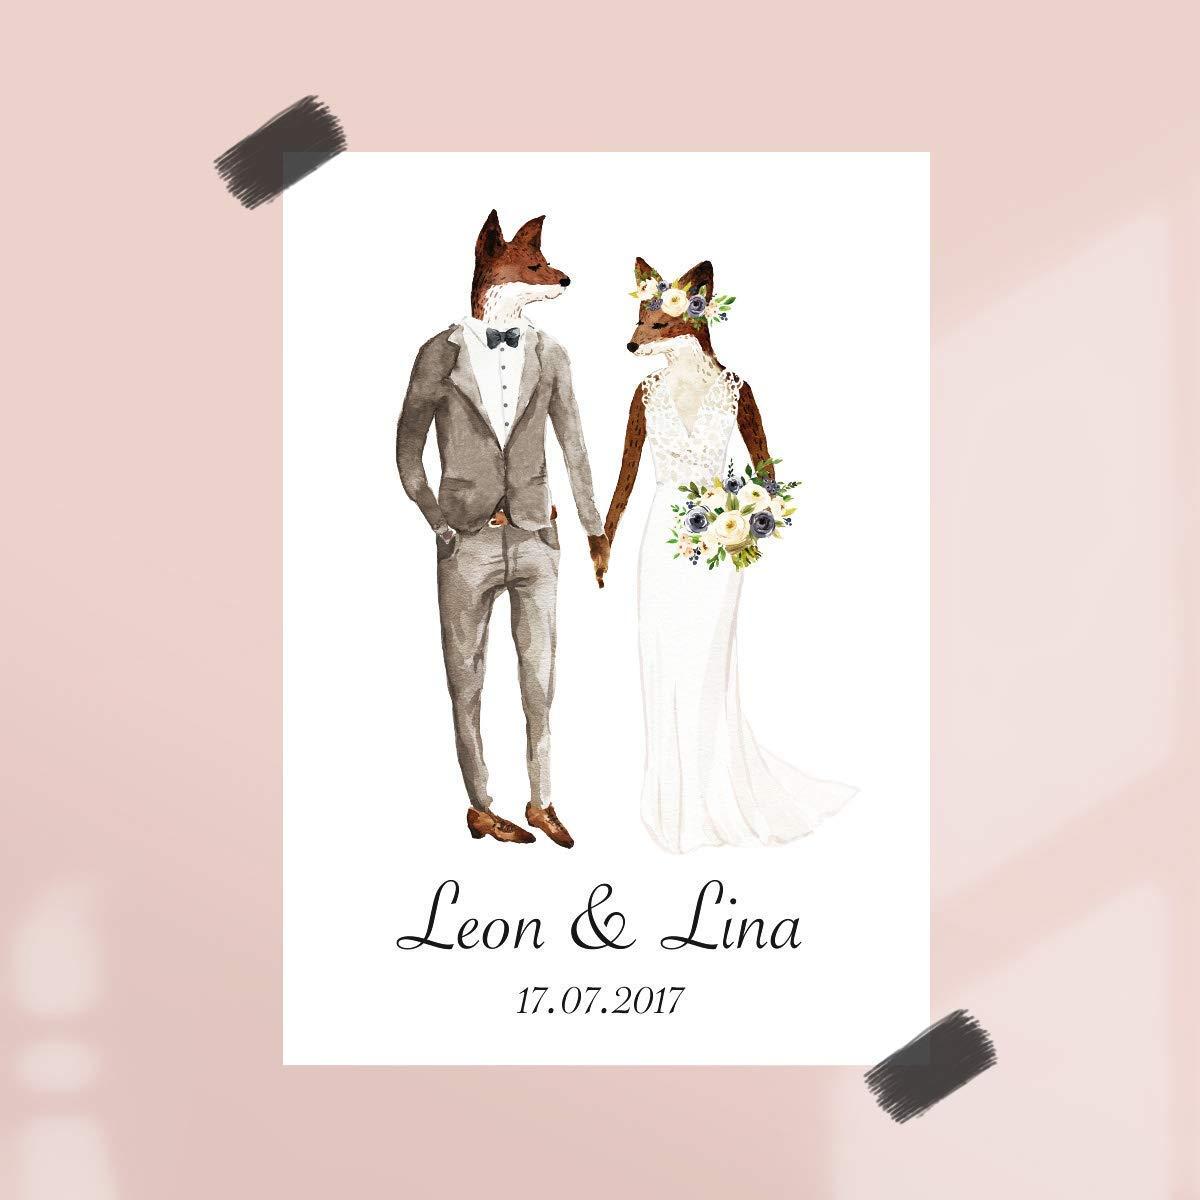 Personalisierte Hochzeitsgeschenke ungerahmt  /Geschenkidee Geschenke f/ür Paare zur Hochzeit Poster Hochzeitspaar Fuchs mit Namen /& Datum